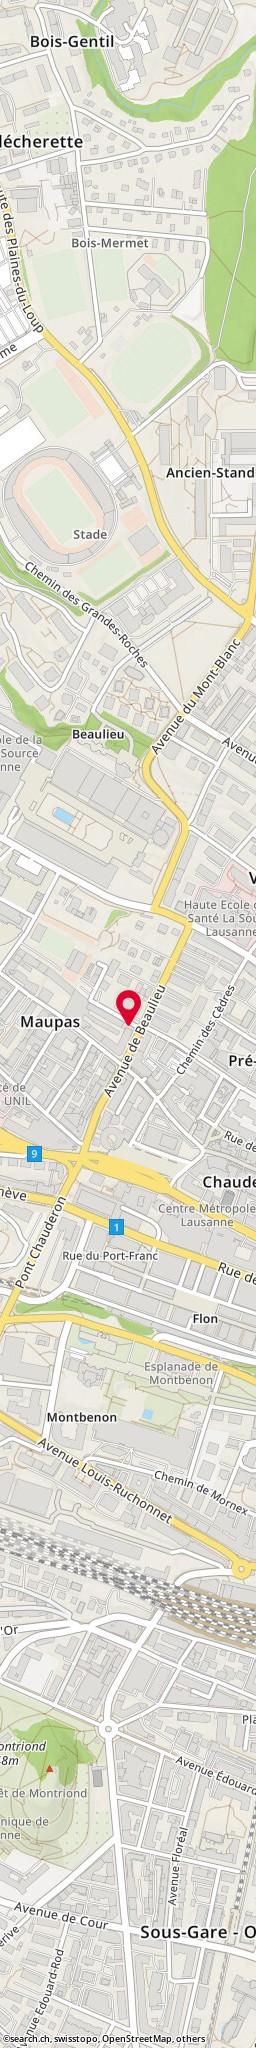 Carte: rue du Petit-Beaulieu 1, Lausanne - vue détaillée